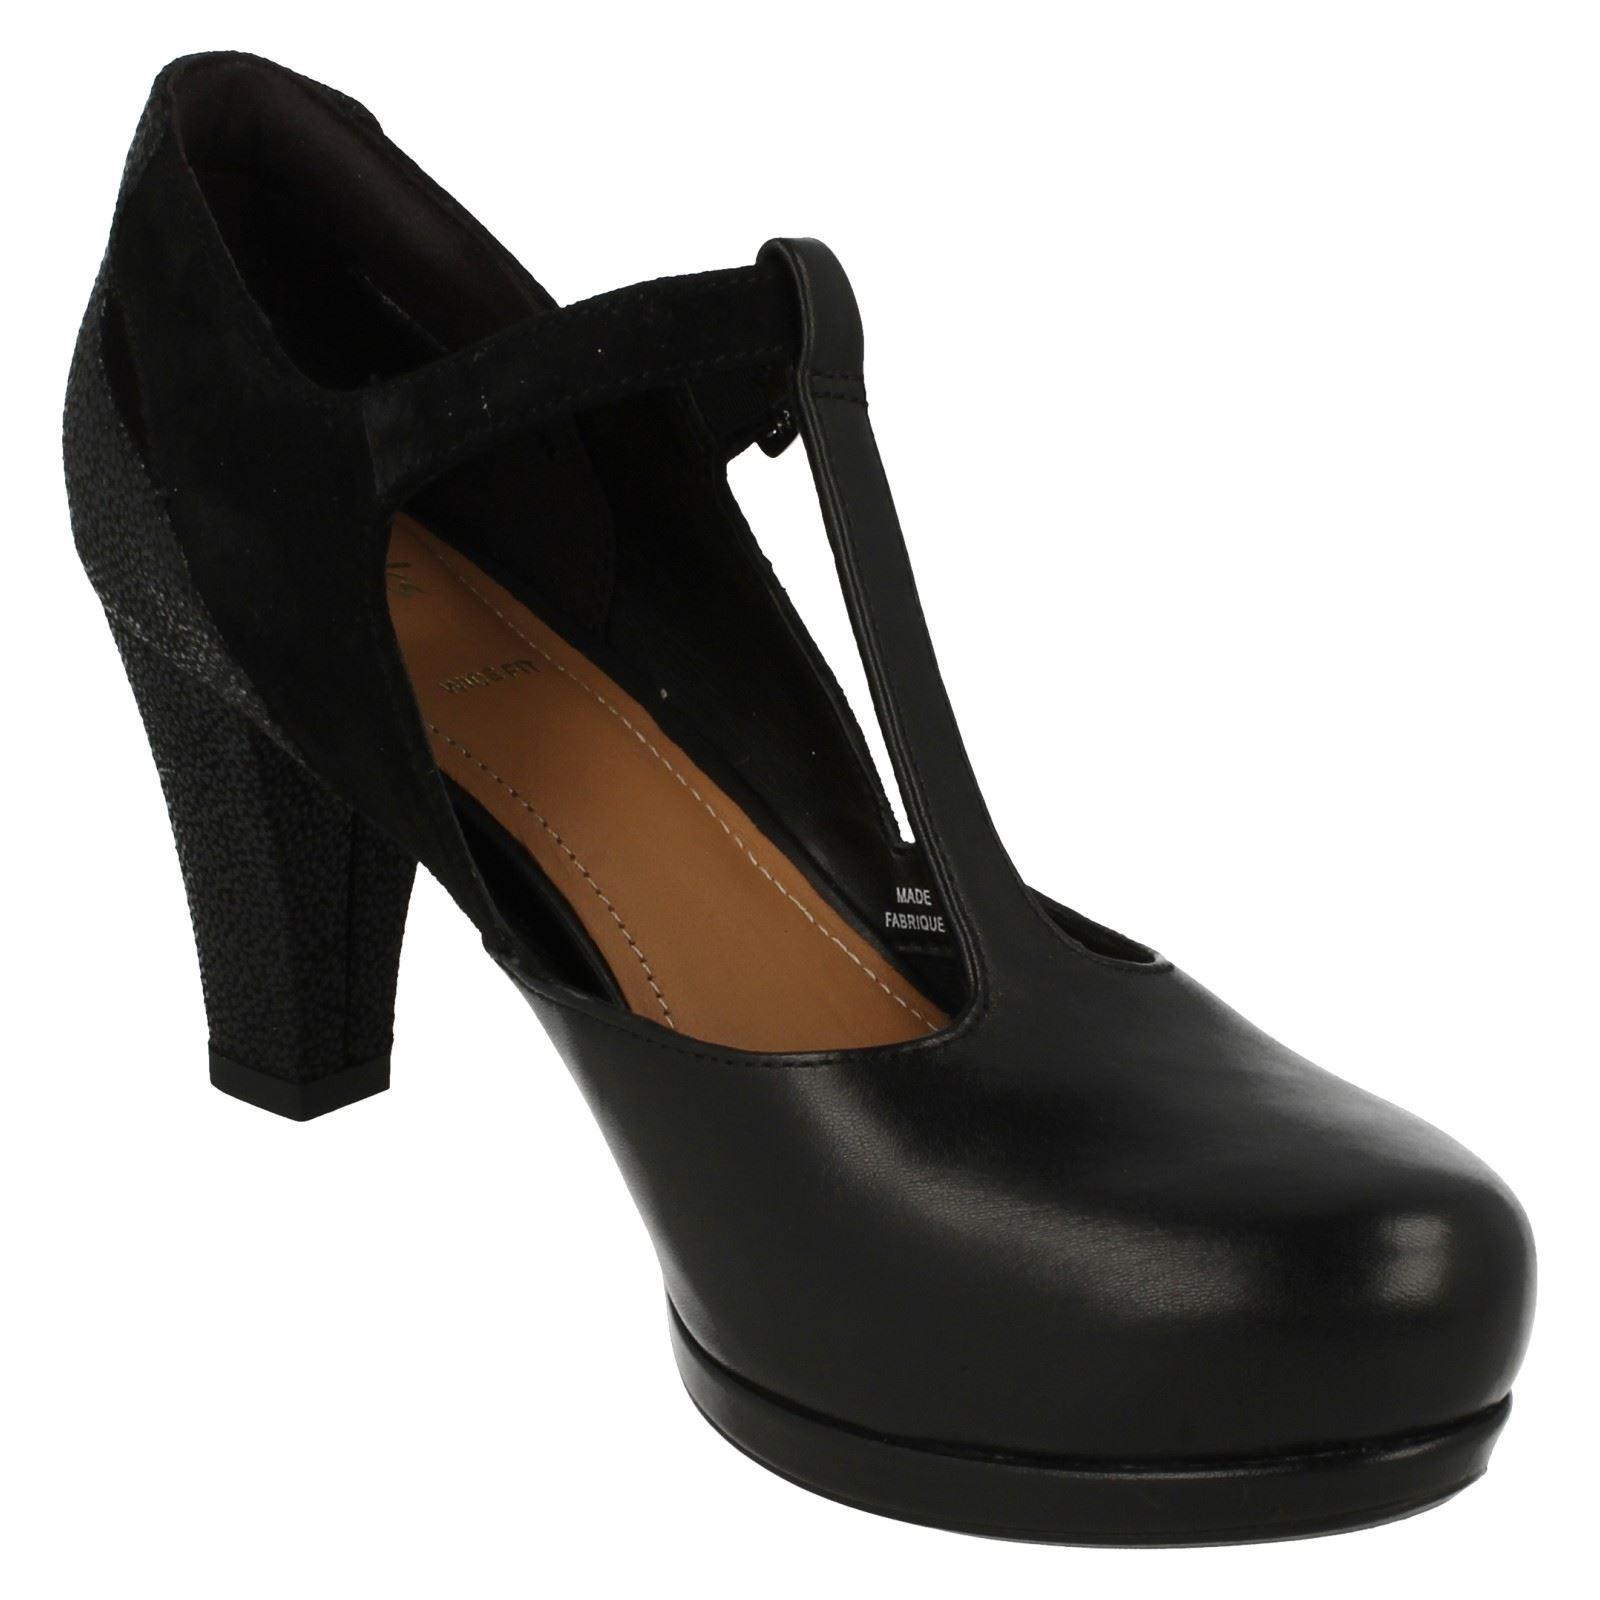 3760e48f3c2 Buy clarks chorus shoes cheap